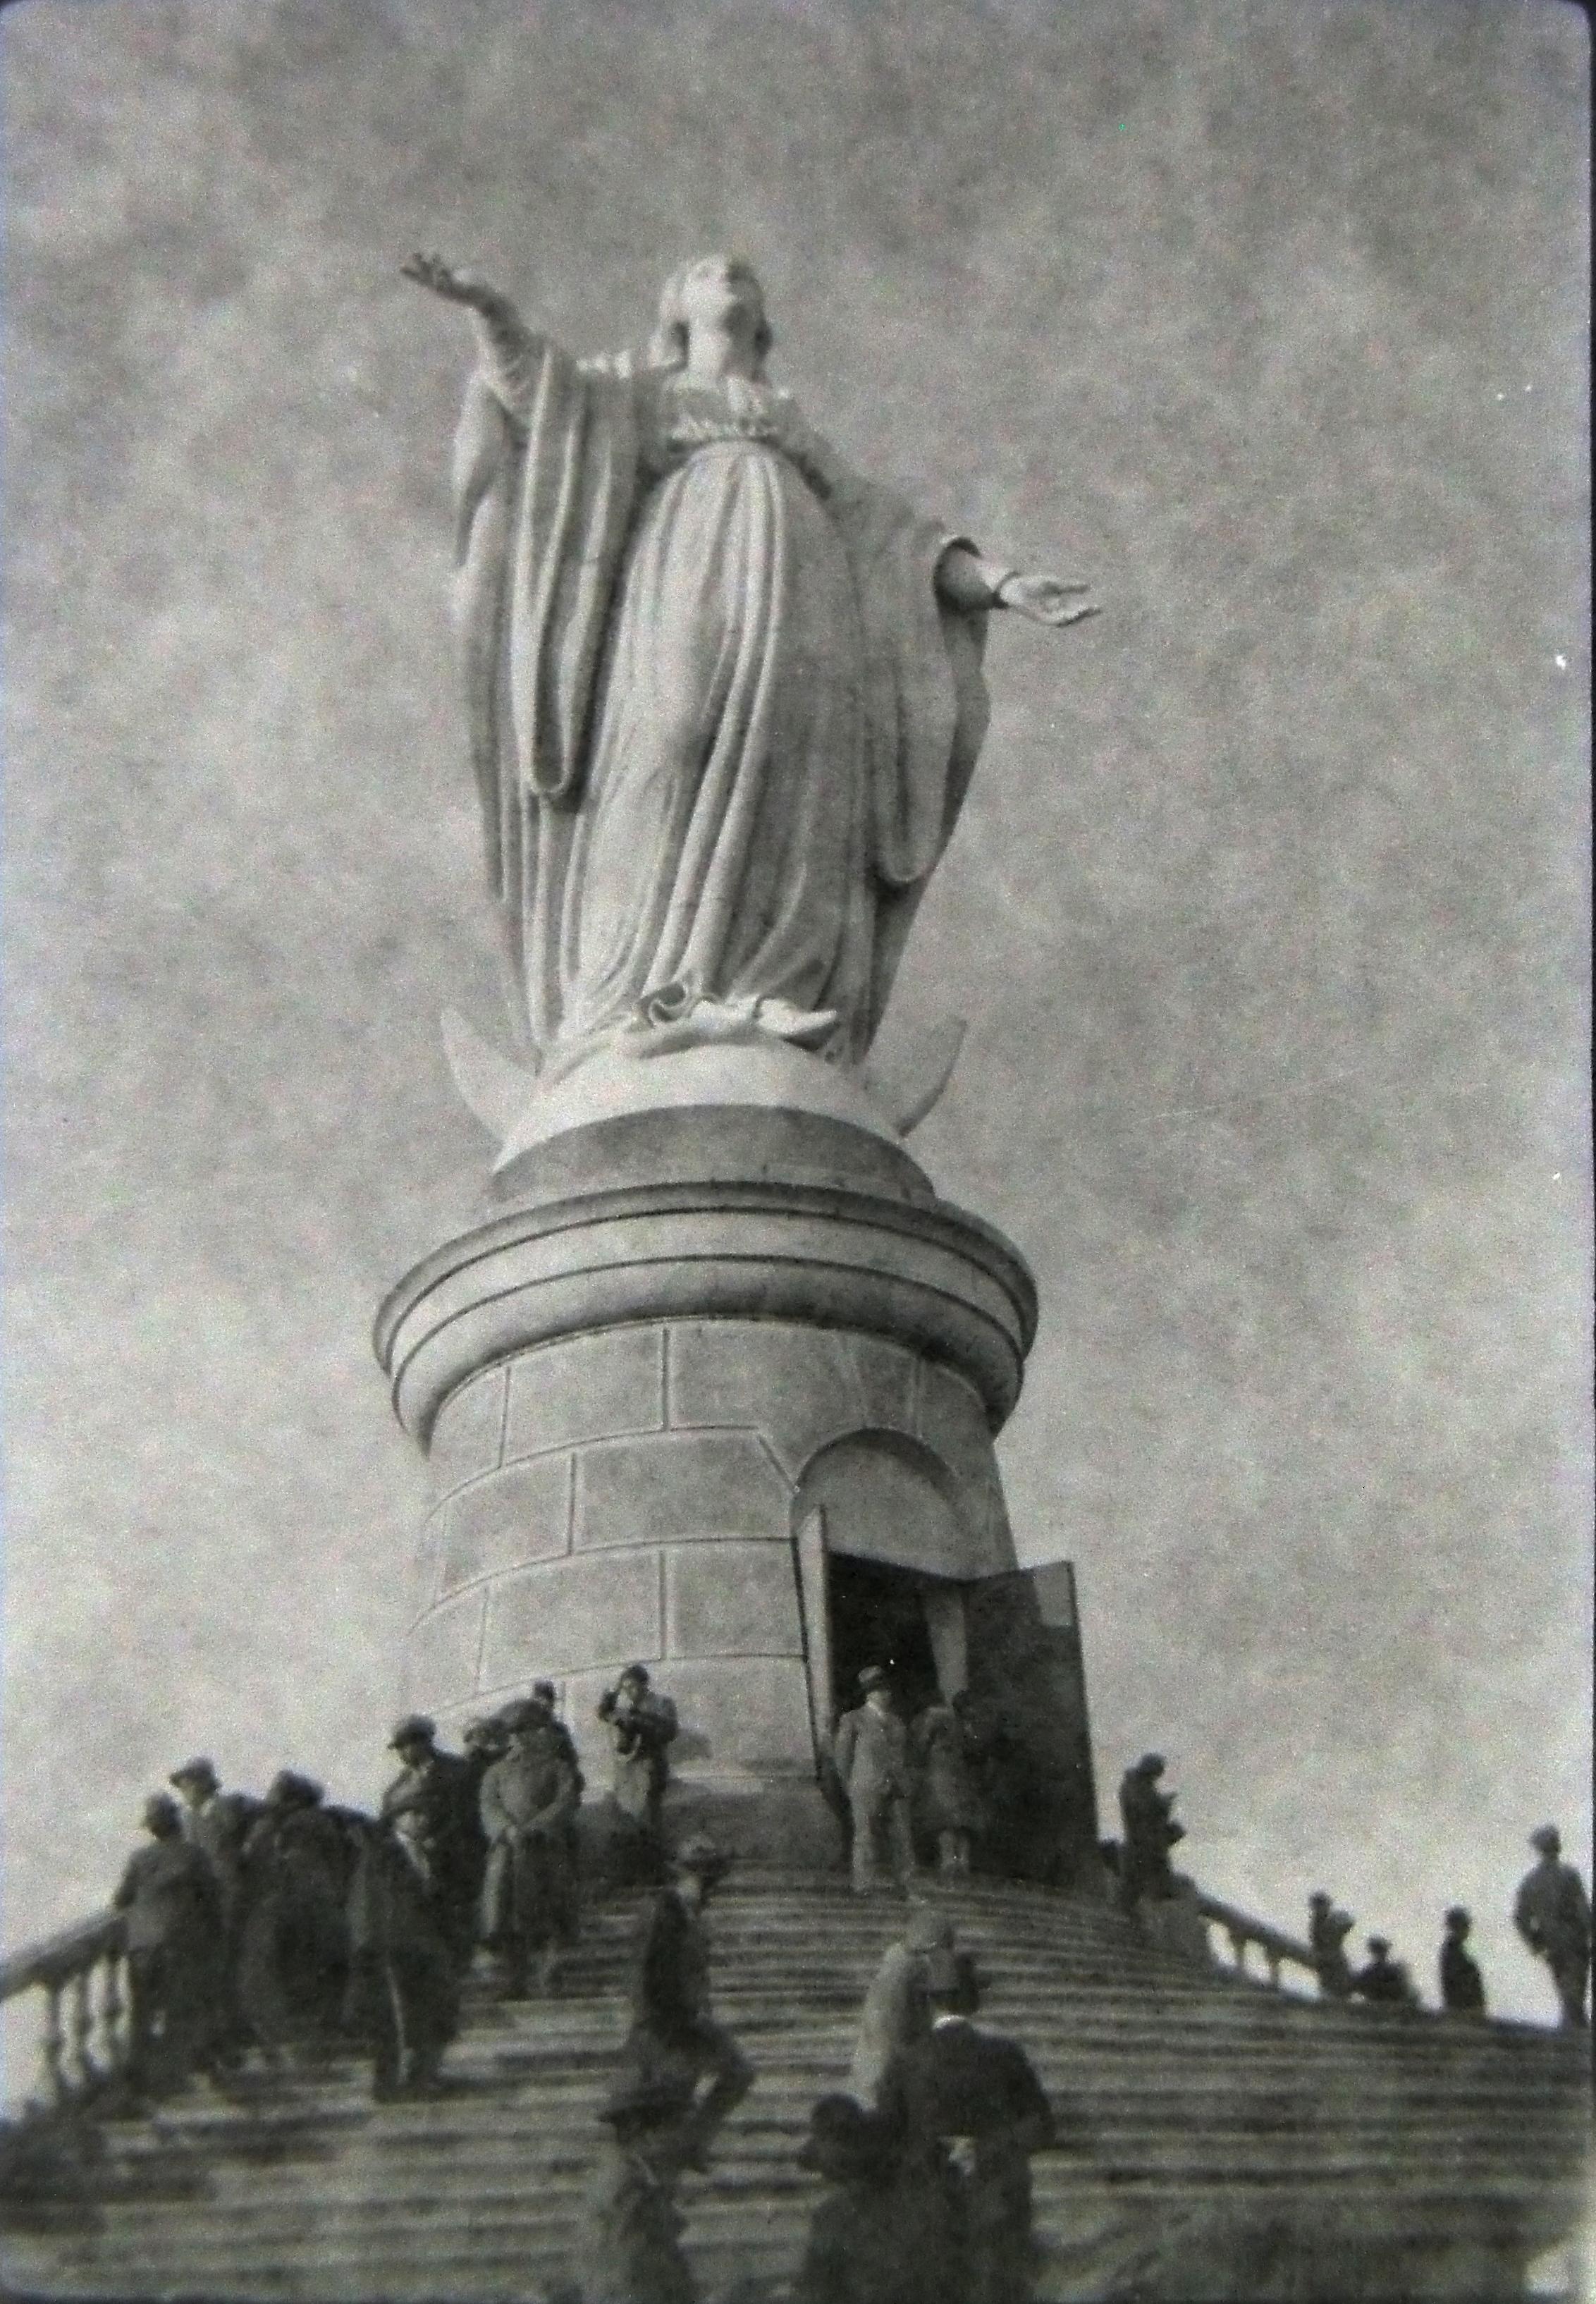 Enterreno - Fotos históricas de chile - fotos antiguas de Chile - Cumbre de Cerro San Cristóbal en 1950